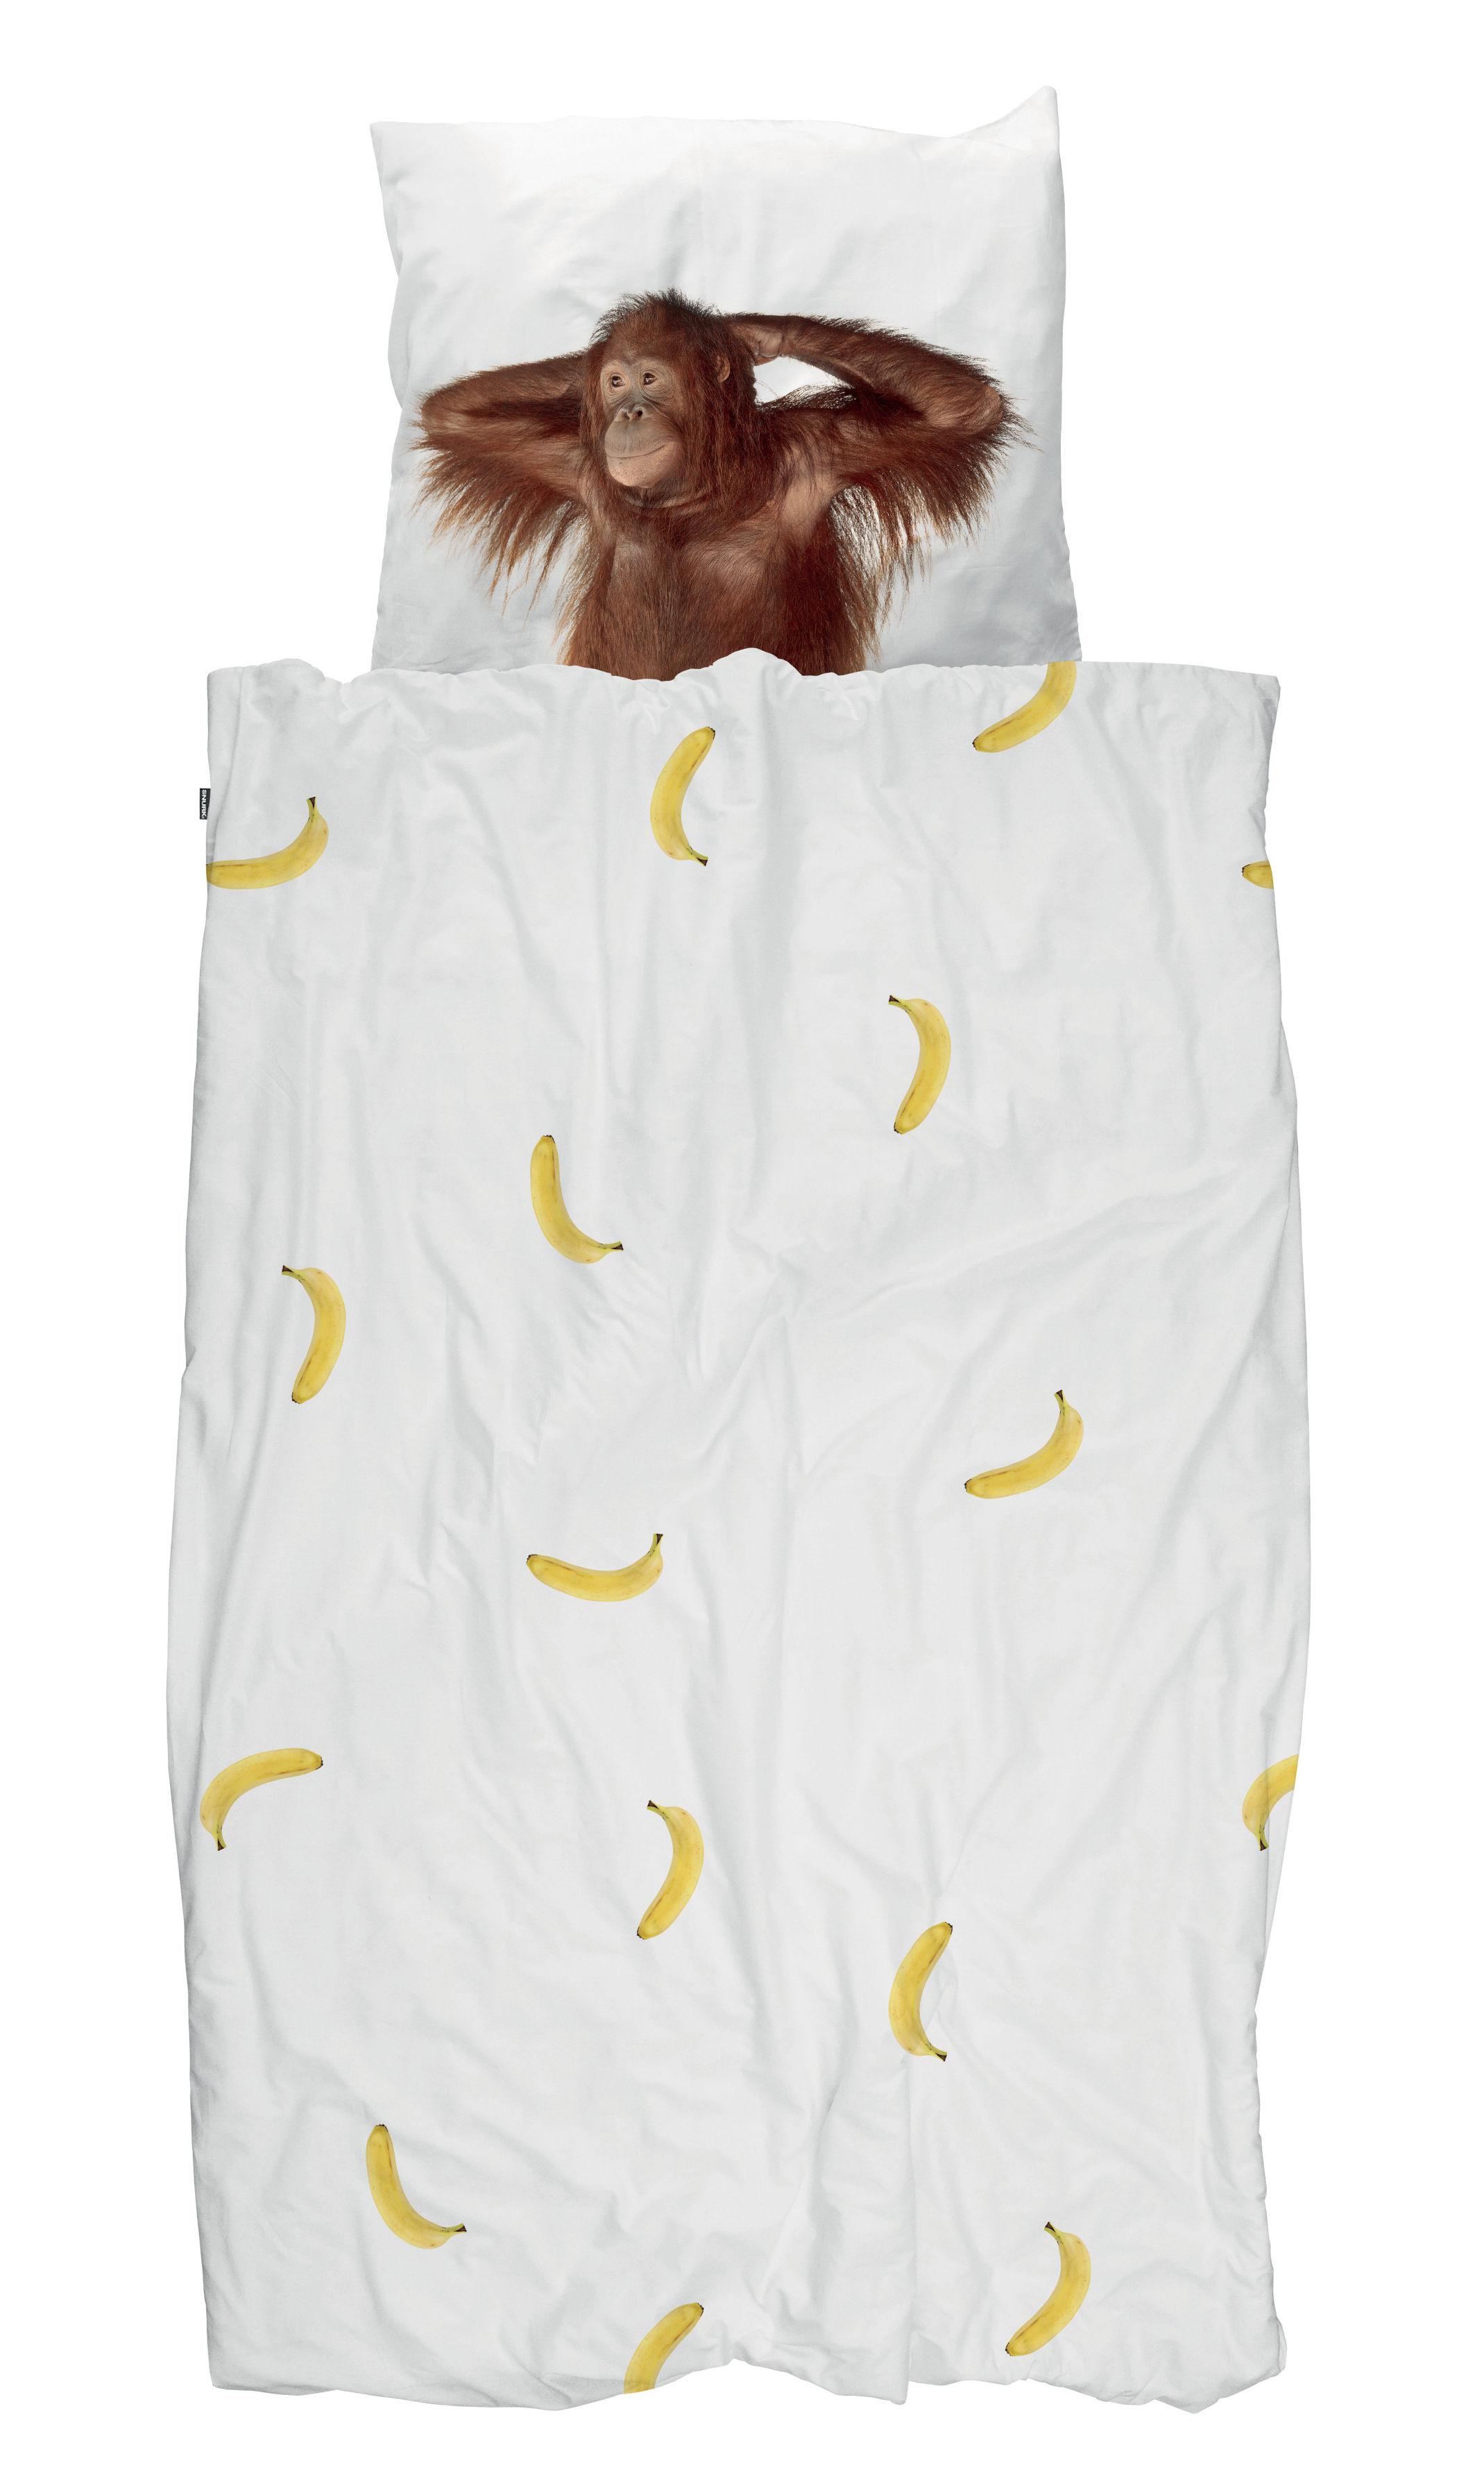 Dekoration - Wohntextilien - Banane & Singe Bettwäsche-Set für 1 Person / 140 x 200 cm - Snurk - Banane & Affe - Percale de coton